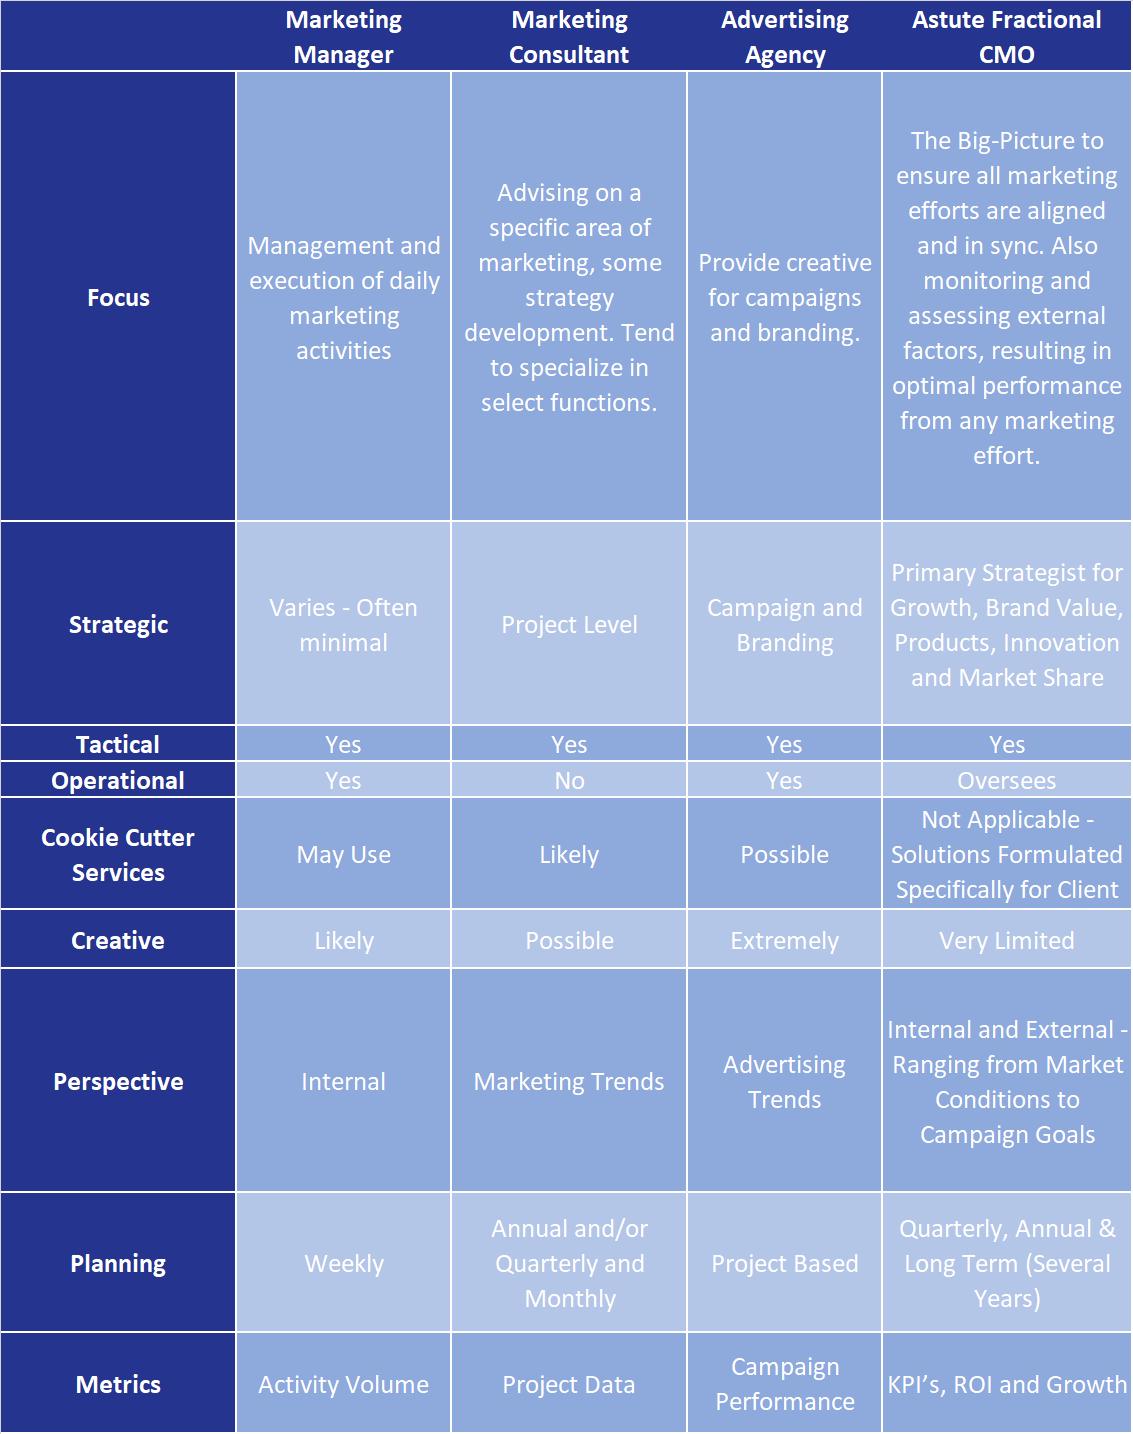 Fractional CMO Comparison